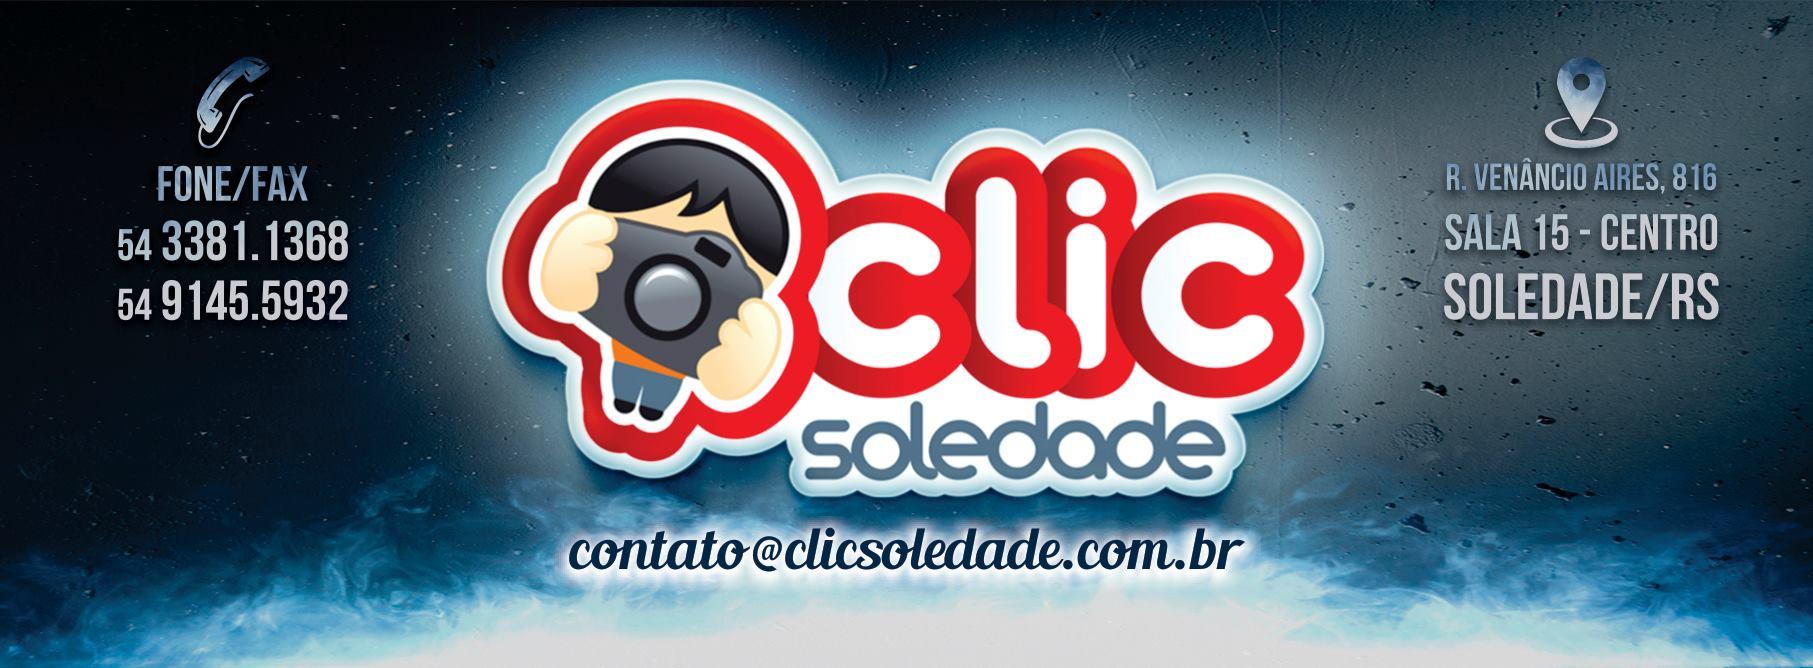 soledade-joia-3 Projetos da Soledade é Joia são entregues para instituições em Porto Alegre